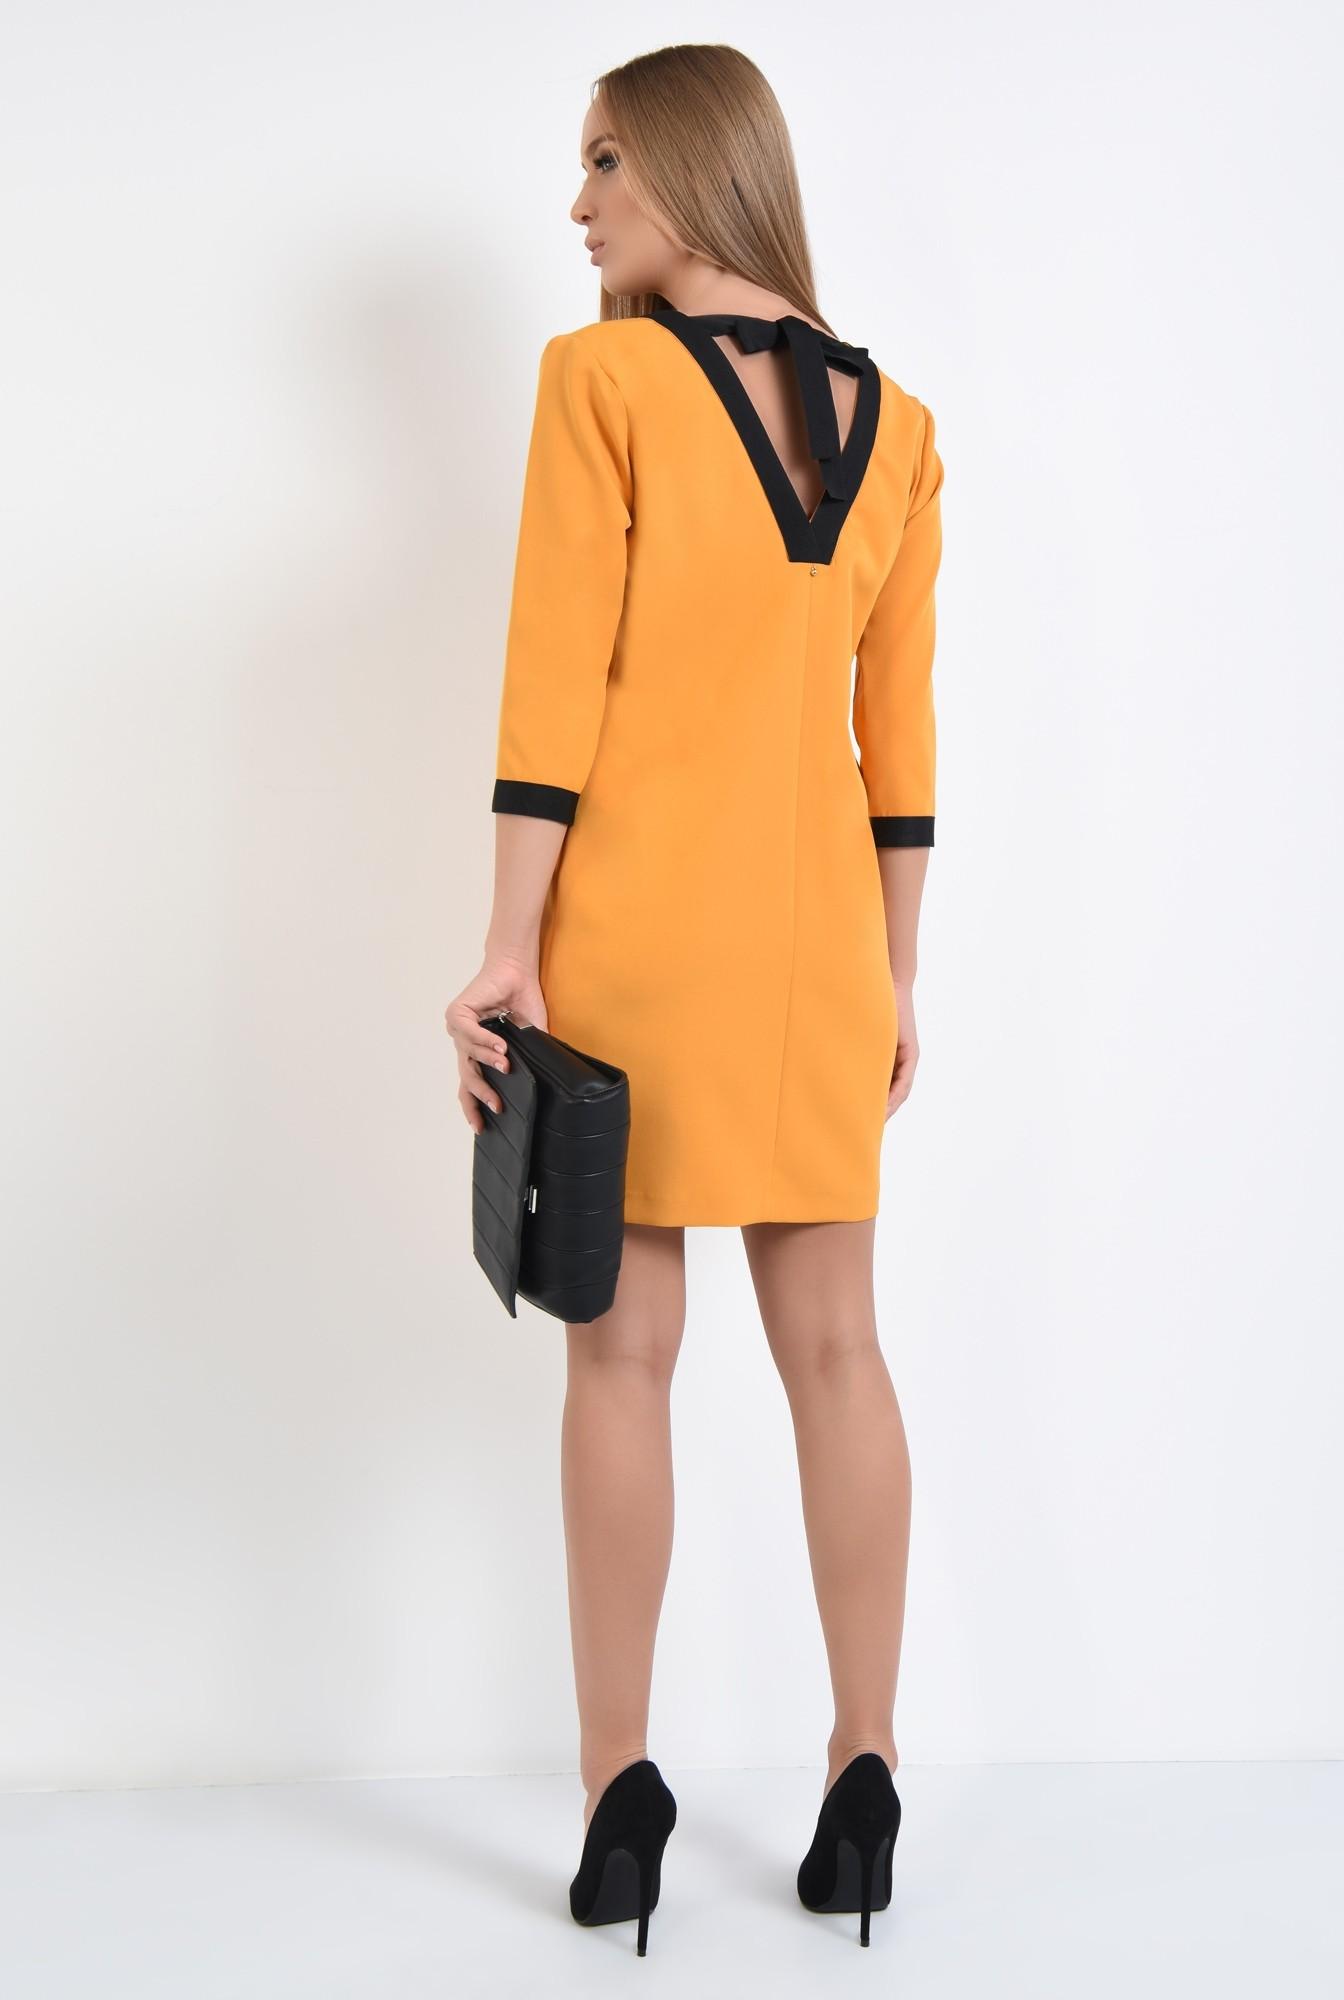 1 - rochie casual, dreapta, scurta, funda la spate